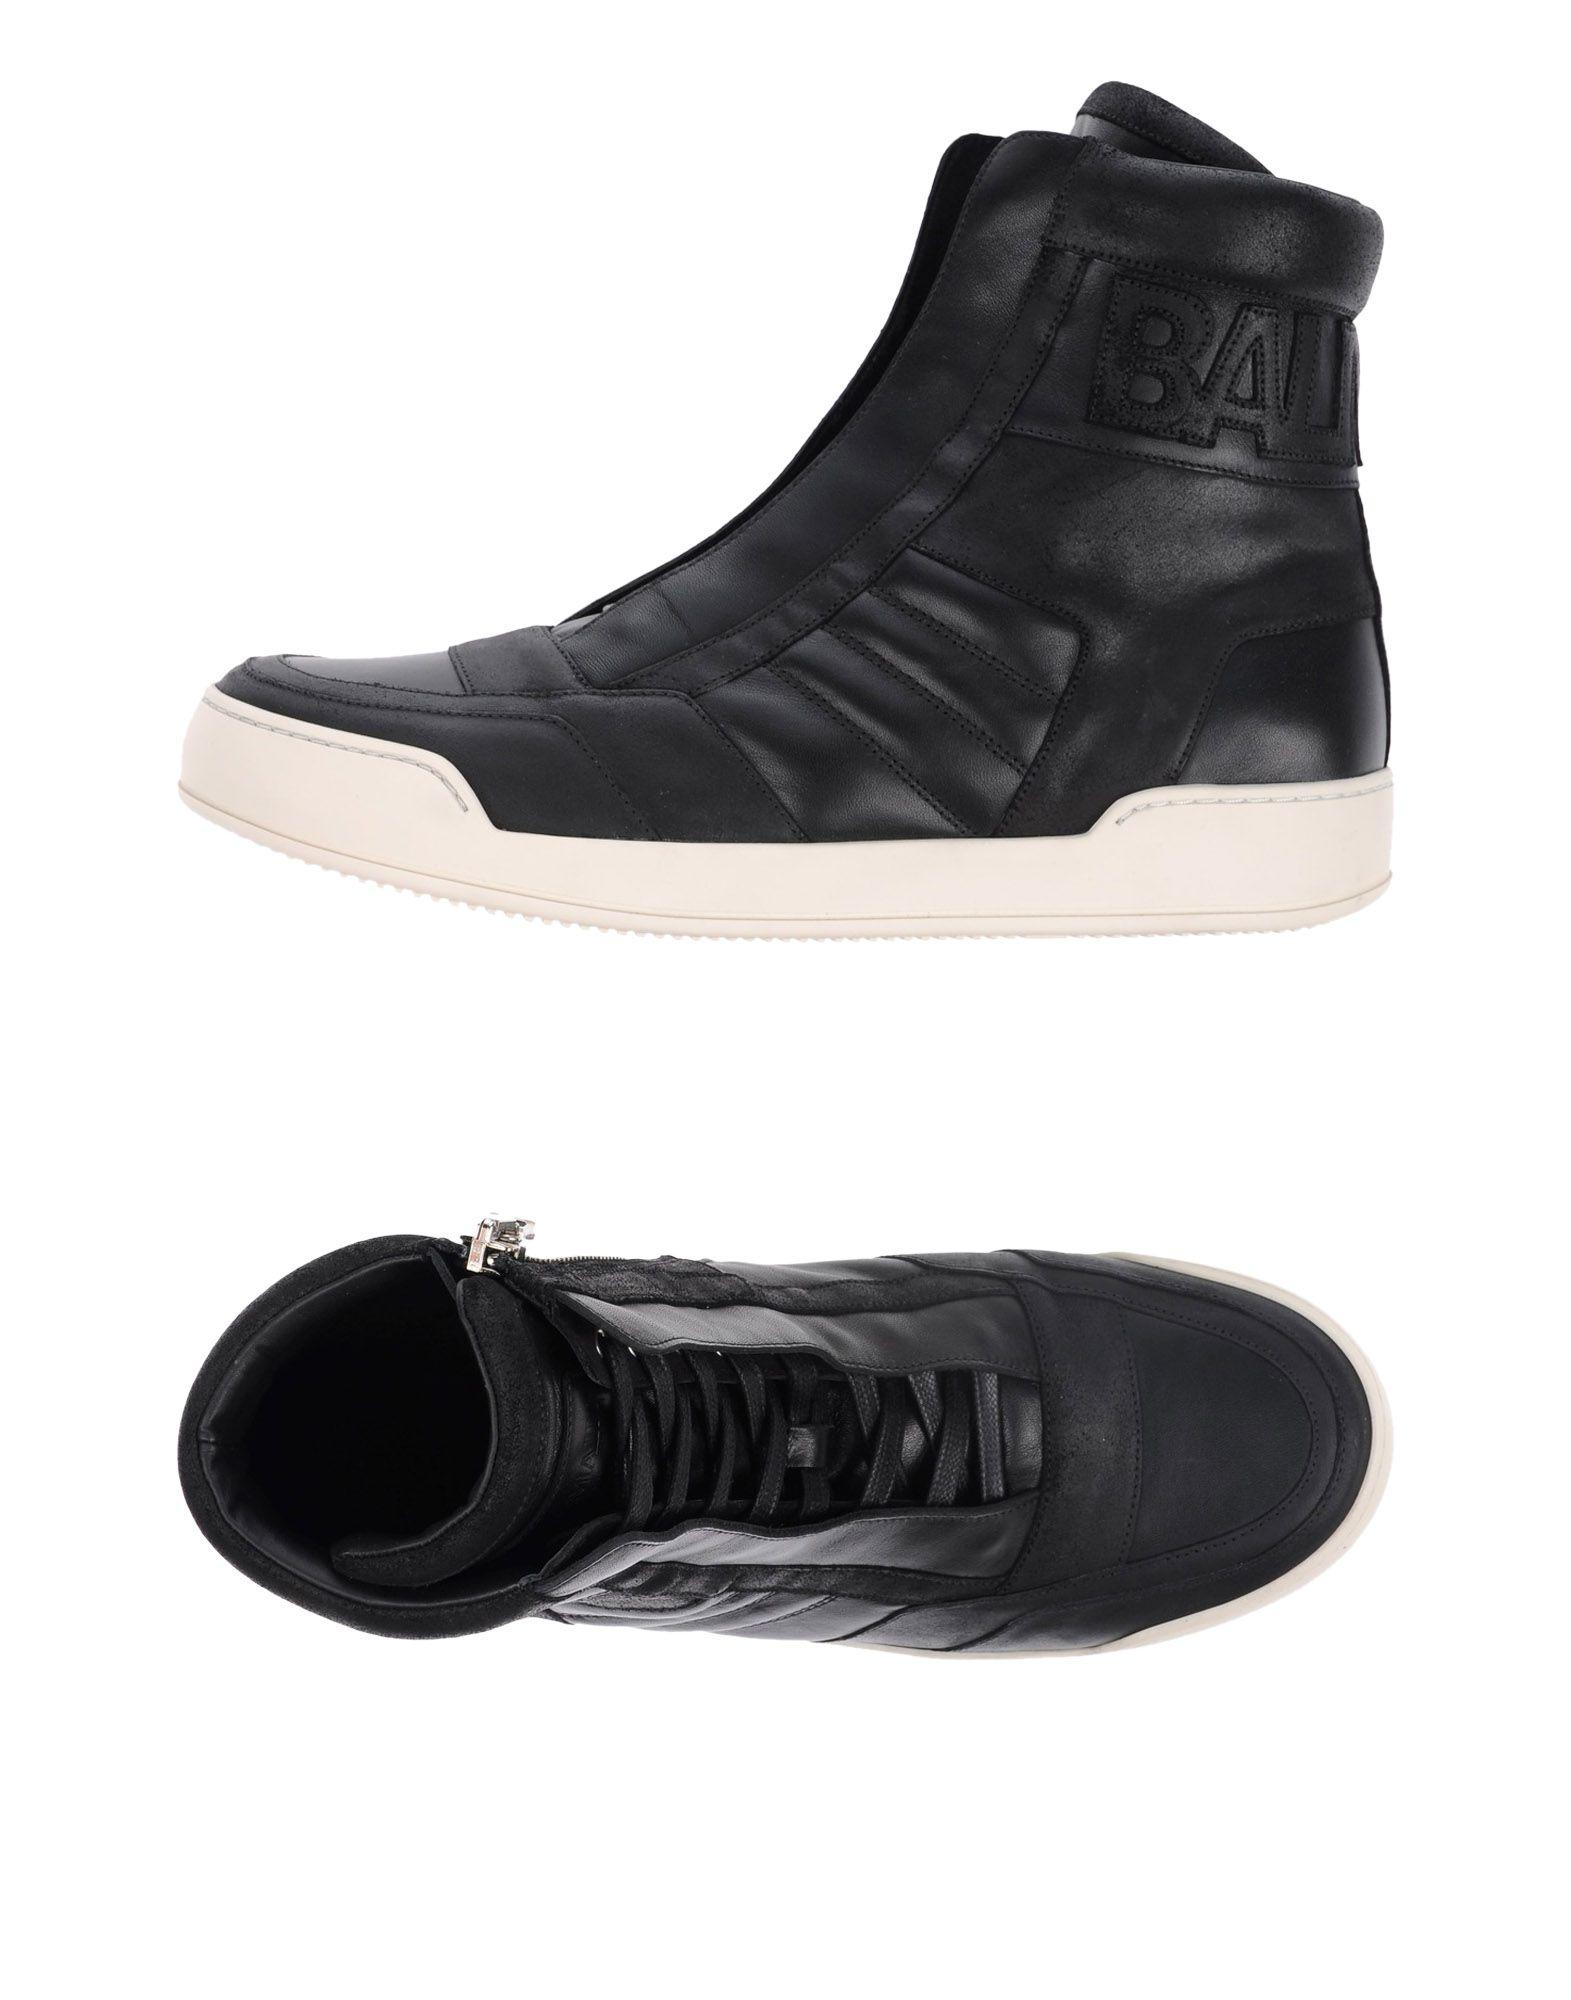 Balmain Sneakers Herren  11154349GO Gute Qualität beliebte Schuhe